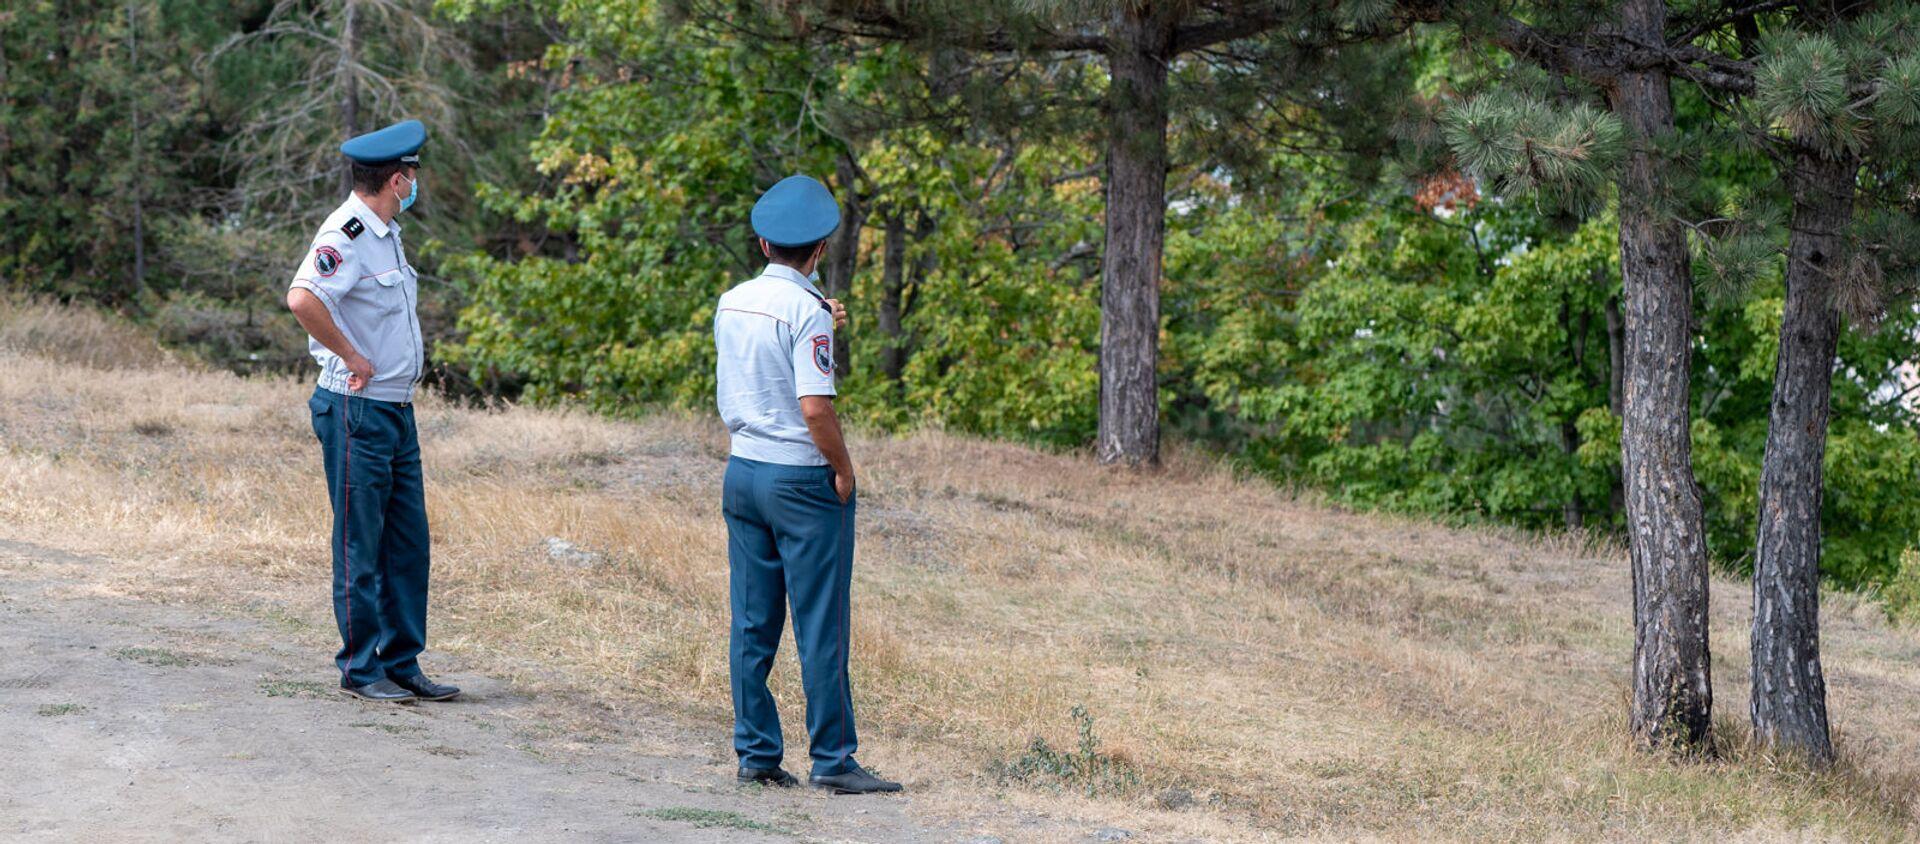 Полицейские в парке города Берд - Sputnik Արմենիա, 1920, 15.08.2021